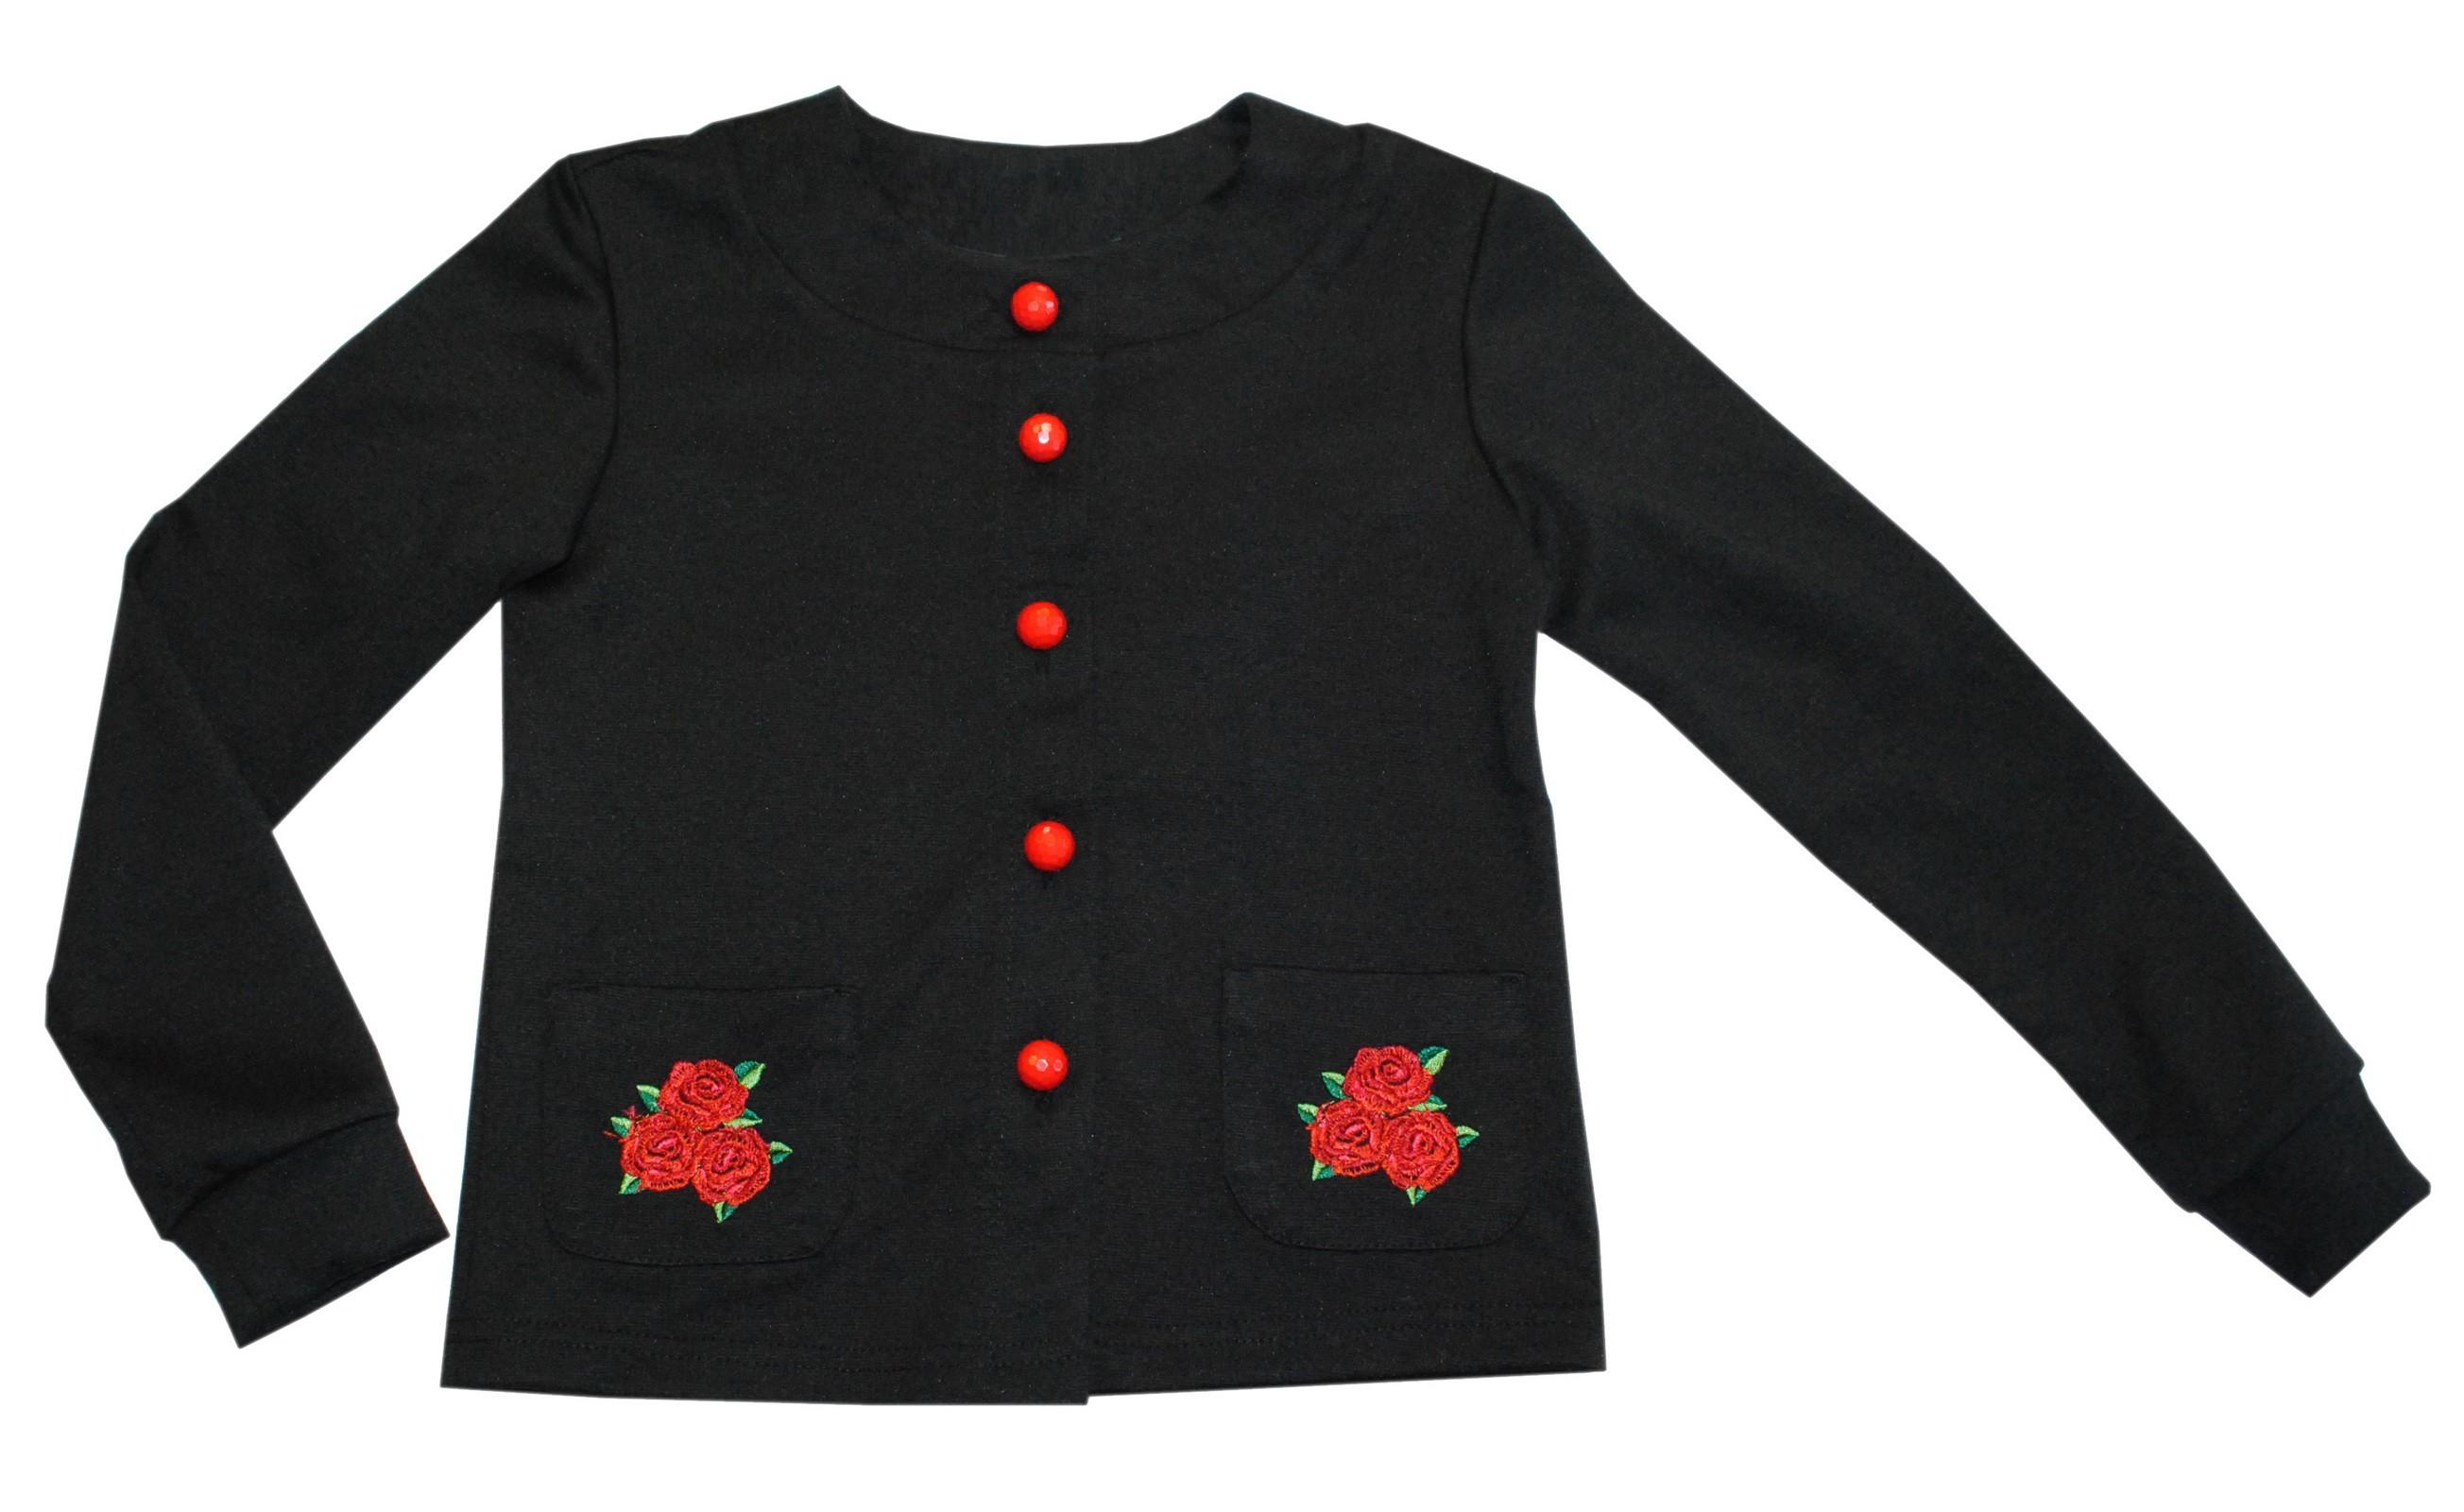 Кардиган для девочки Bon&Bon /652/28/110/ черный, вышивка